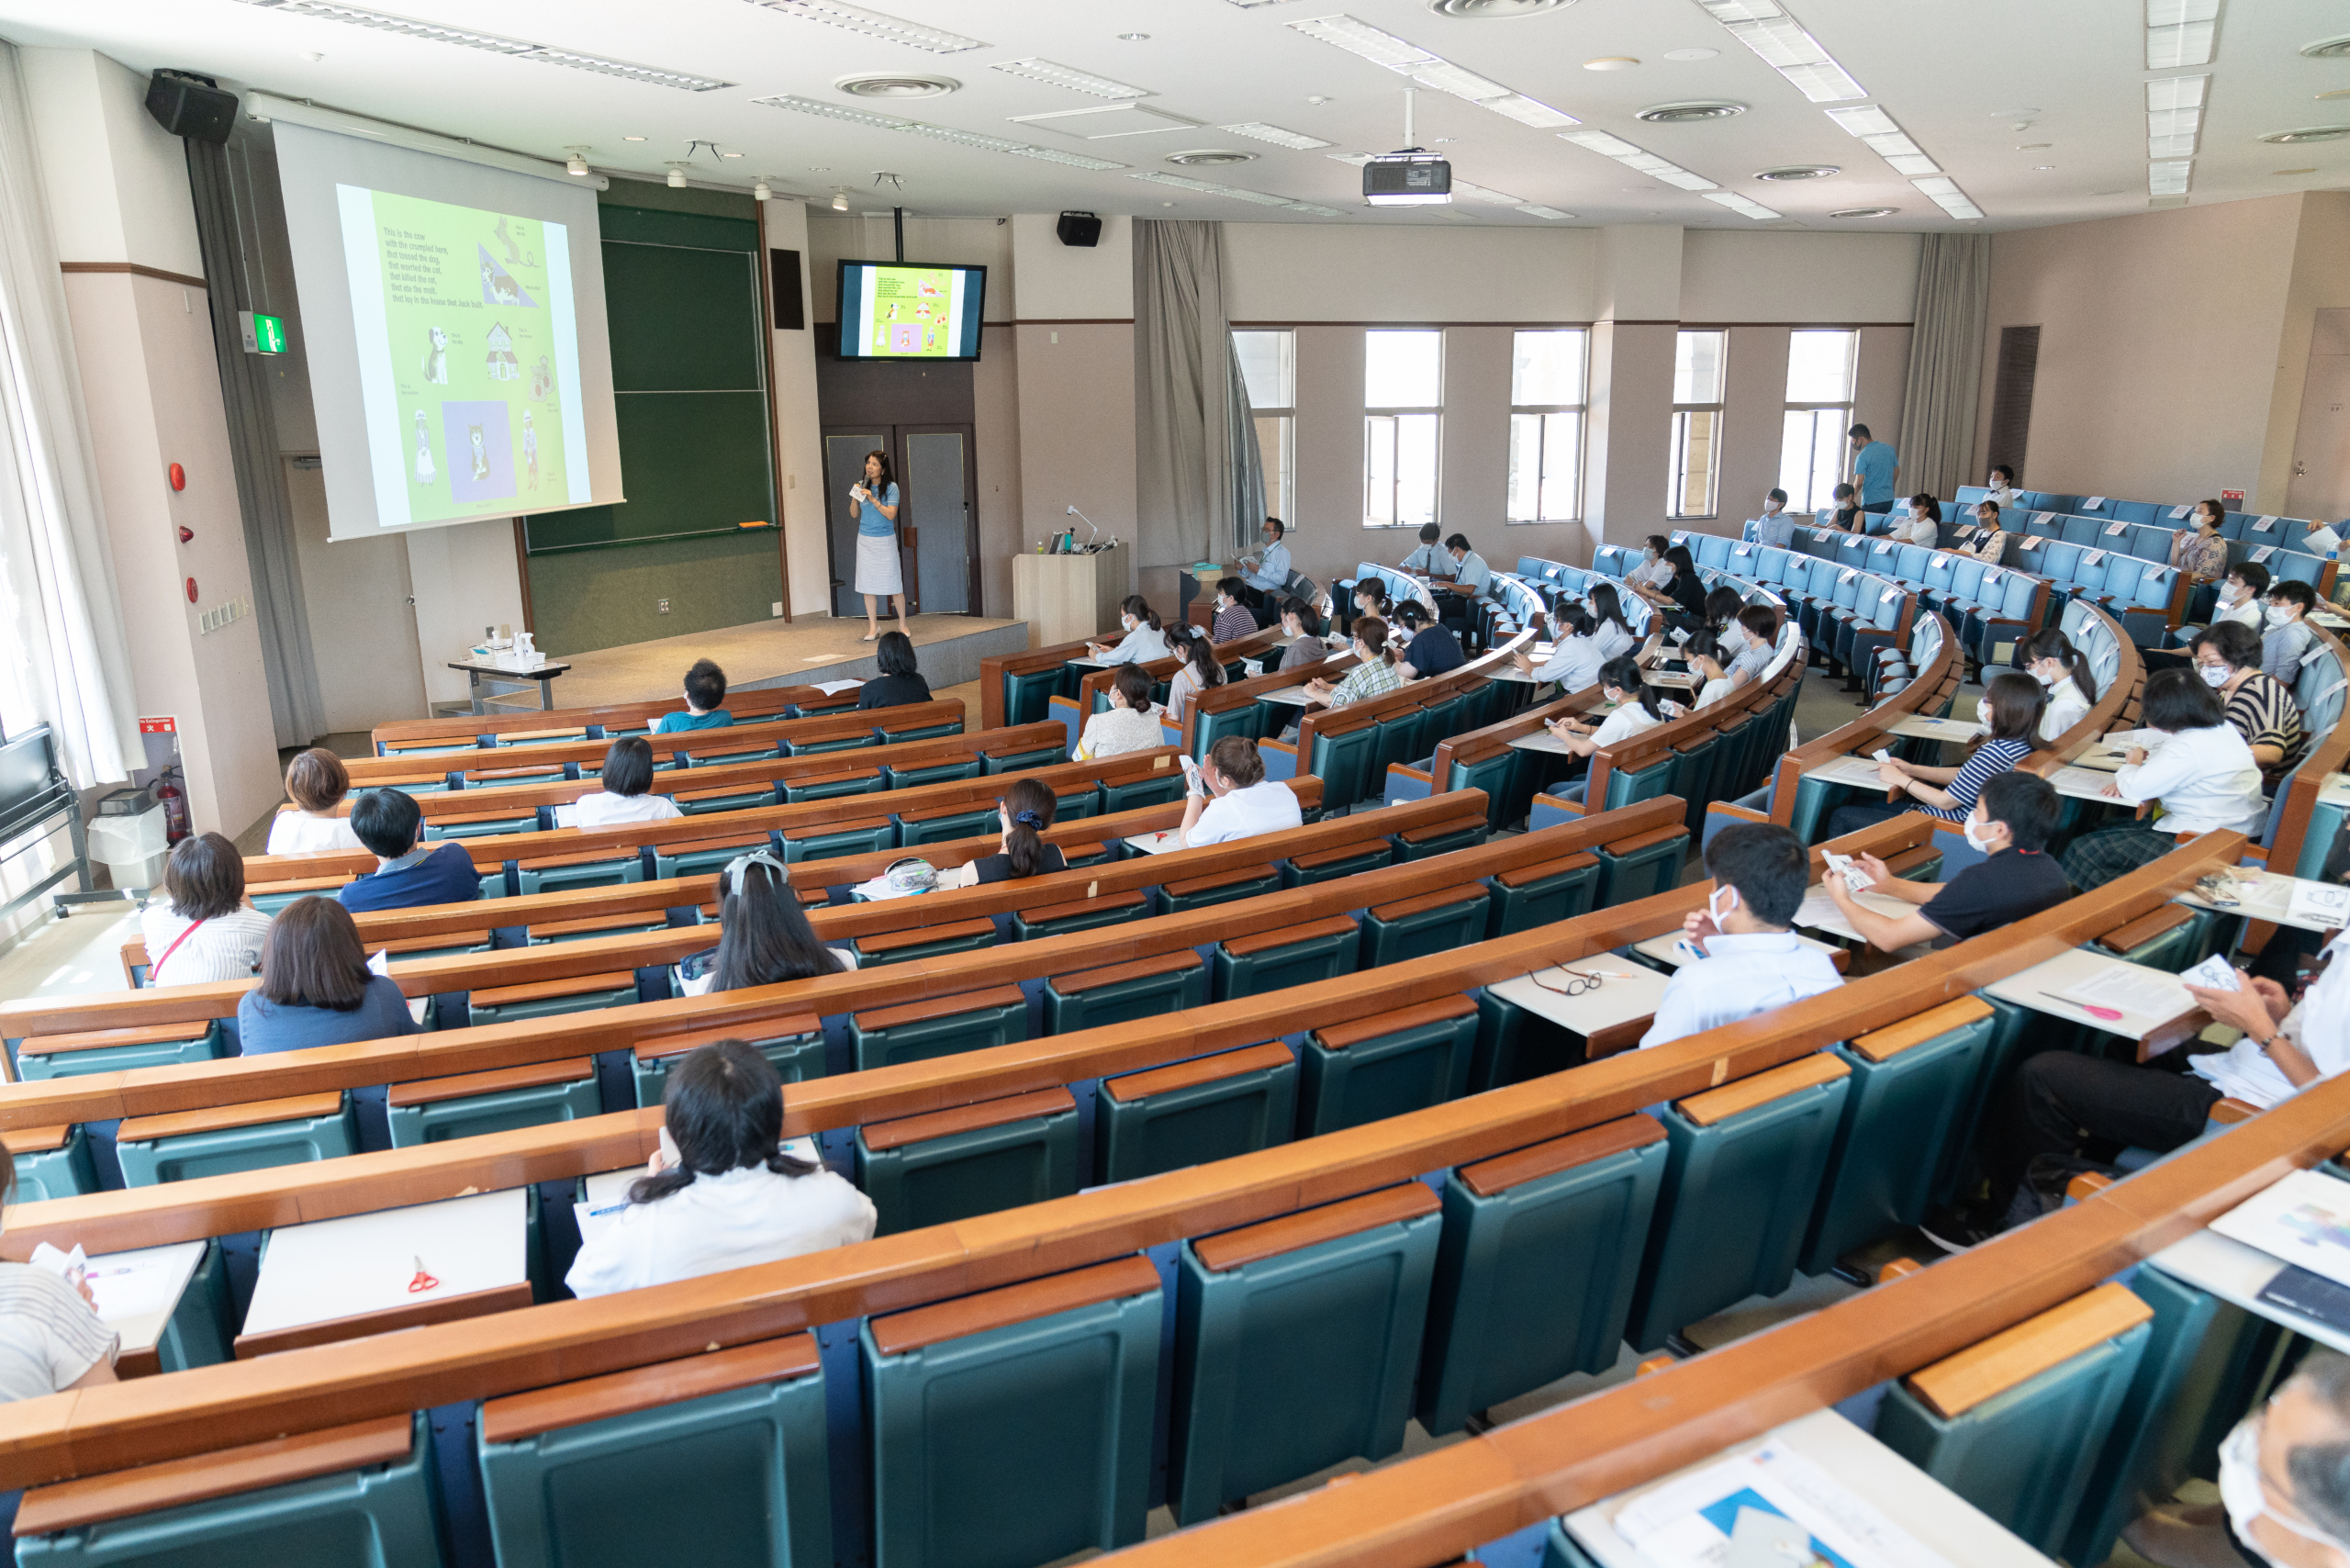 7月19日オープンキャンパス 特別講演会